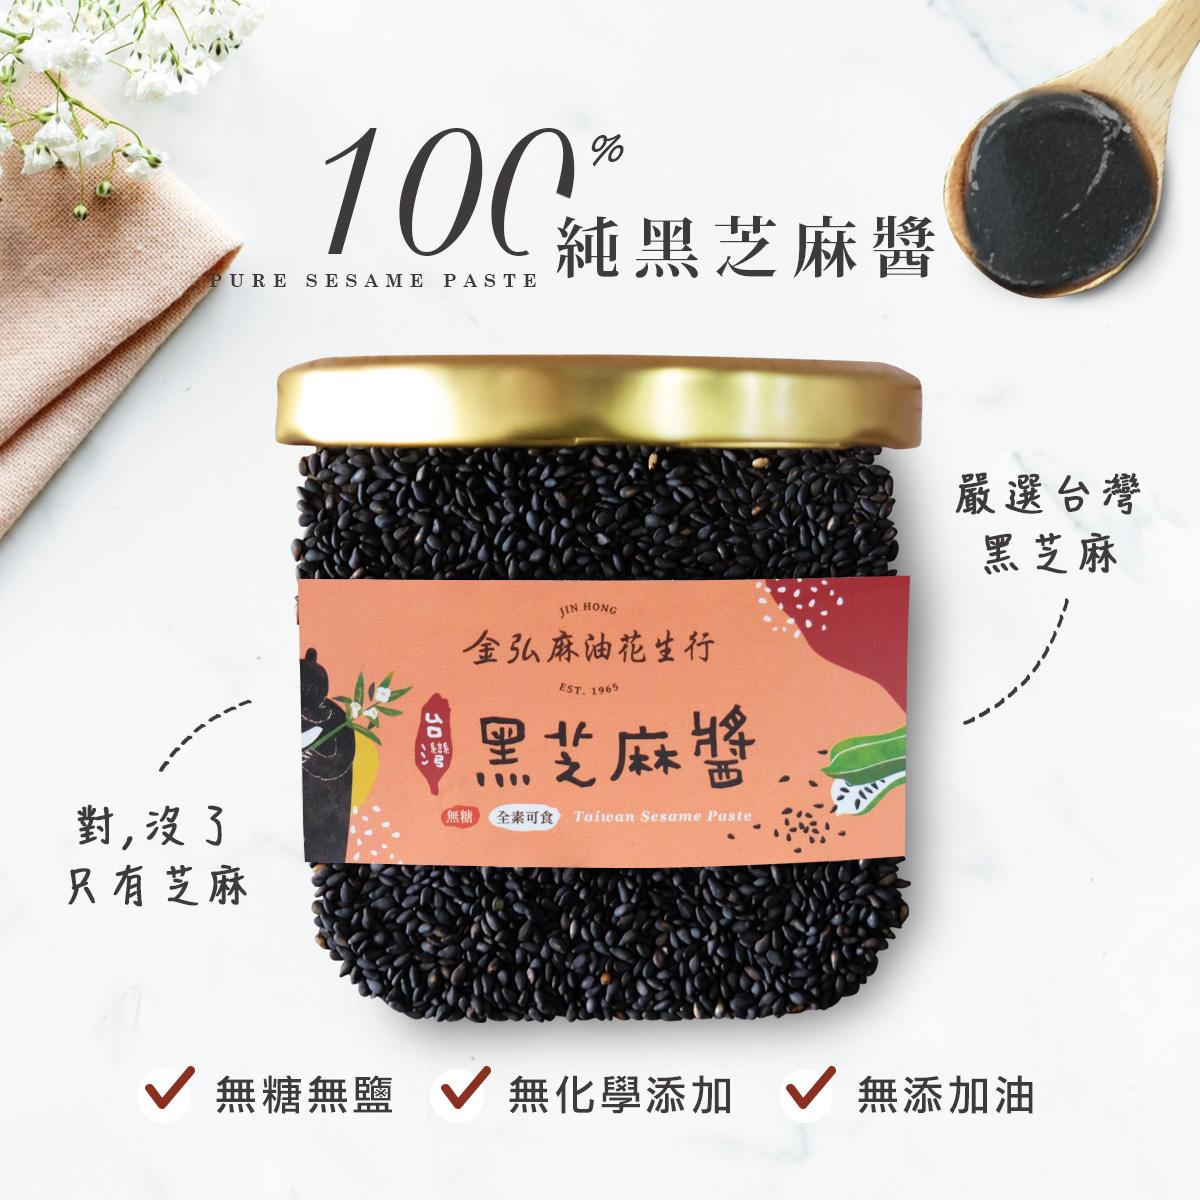 100%台灣黑芝麻醬,無糖、無鹽、無添加物,給你最新鮮純粹的美味。